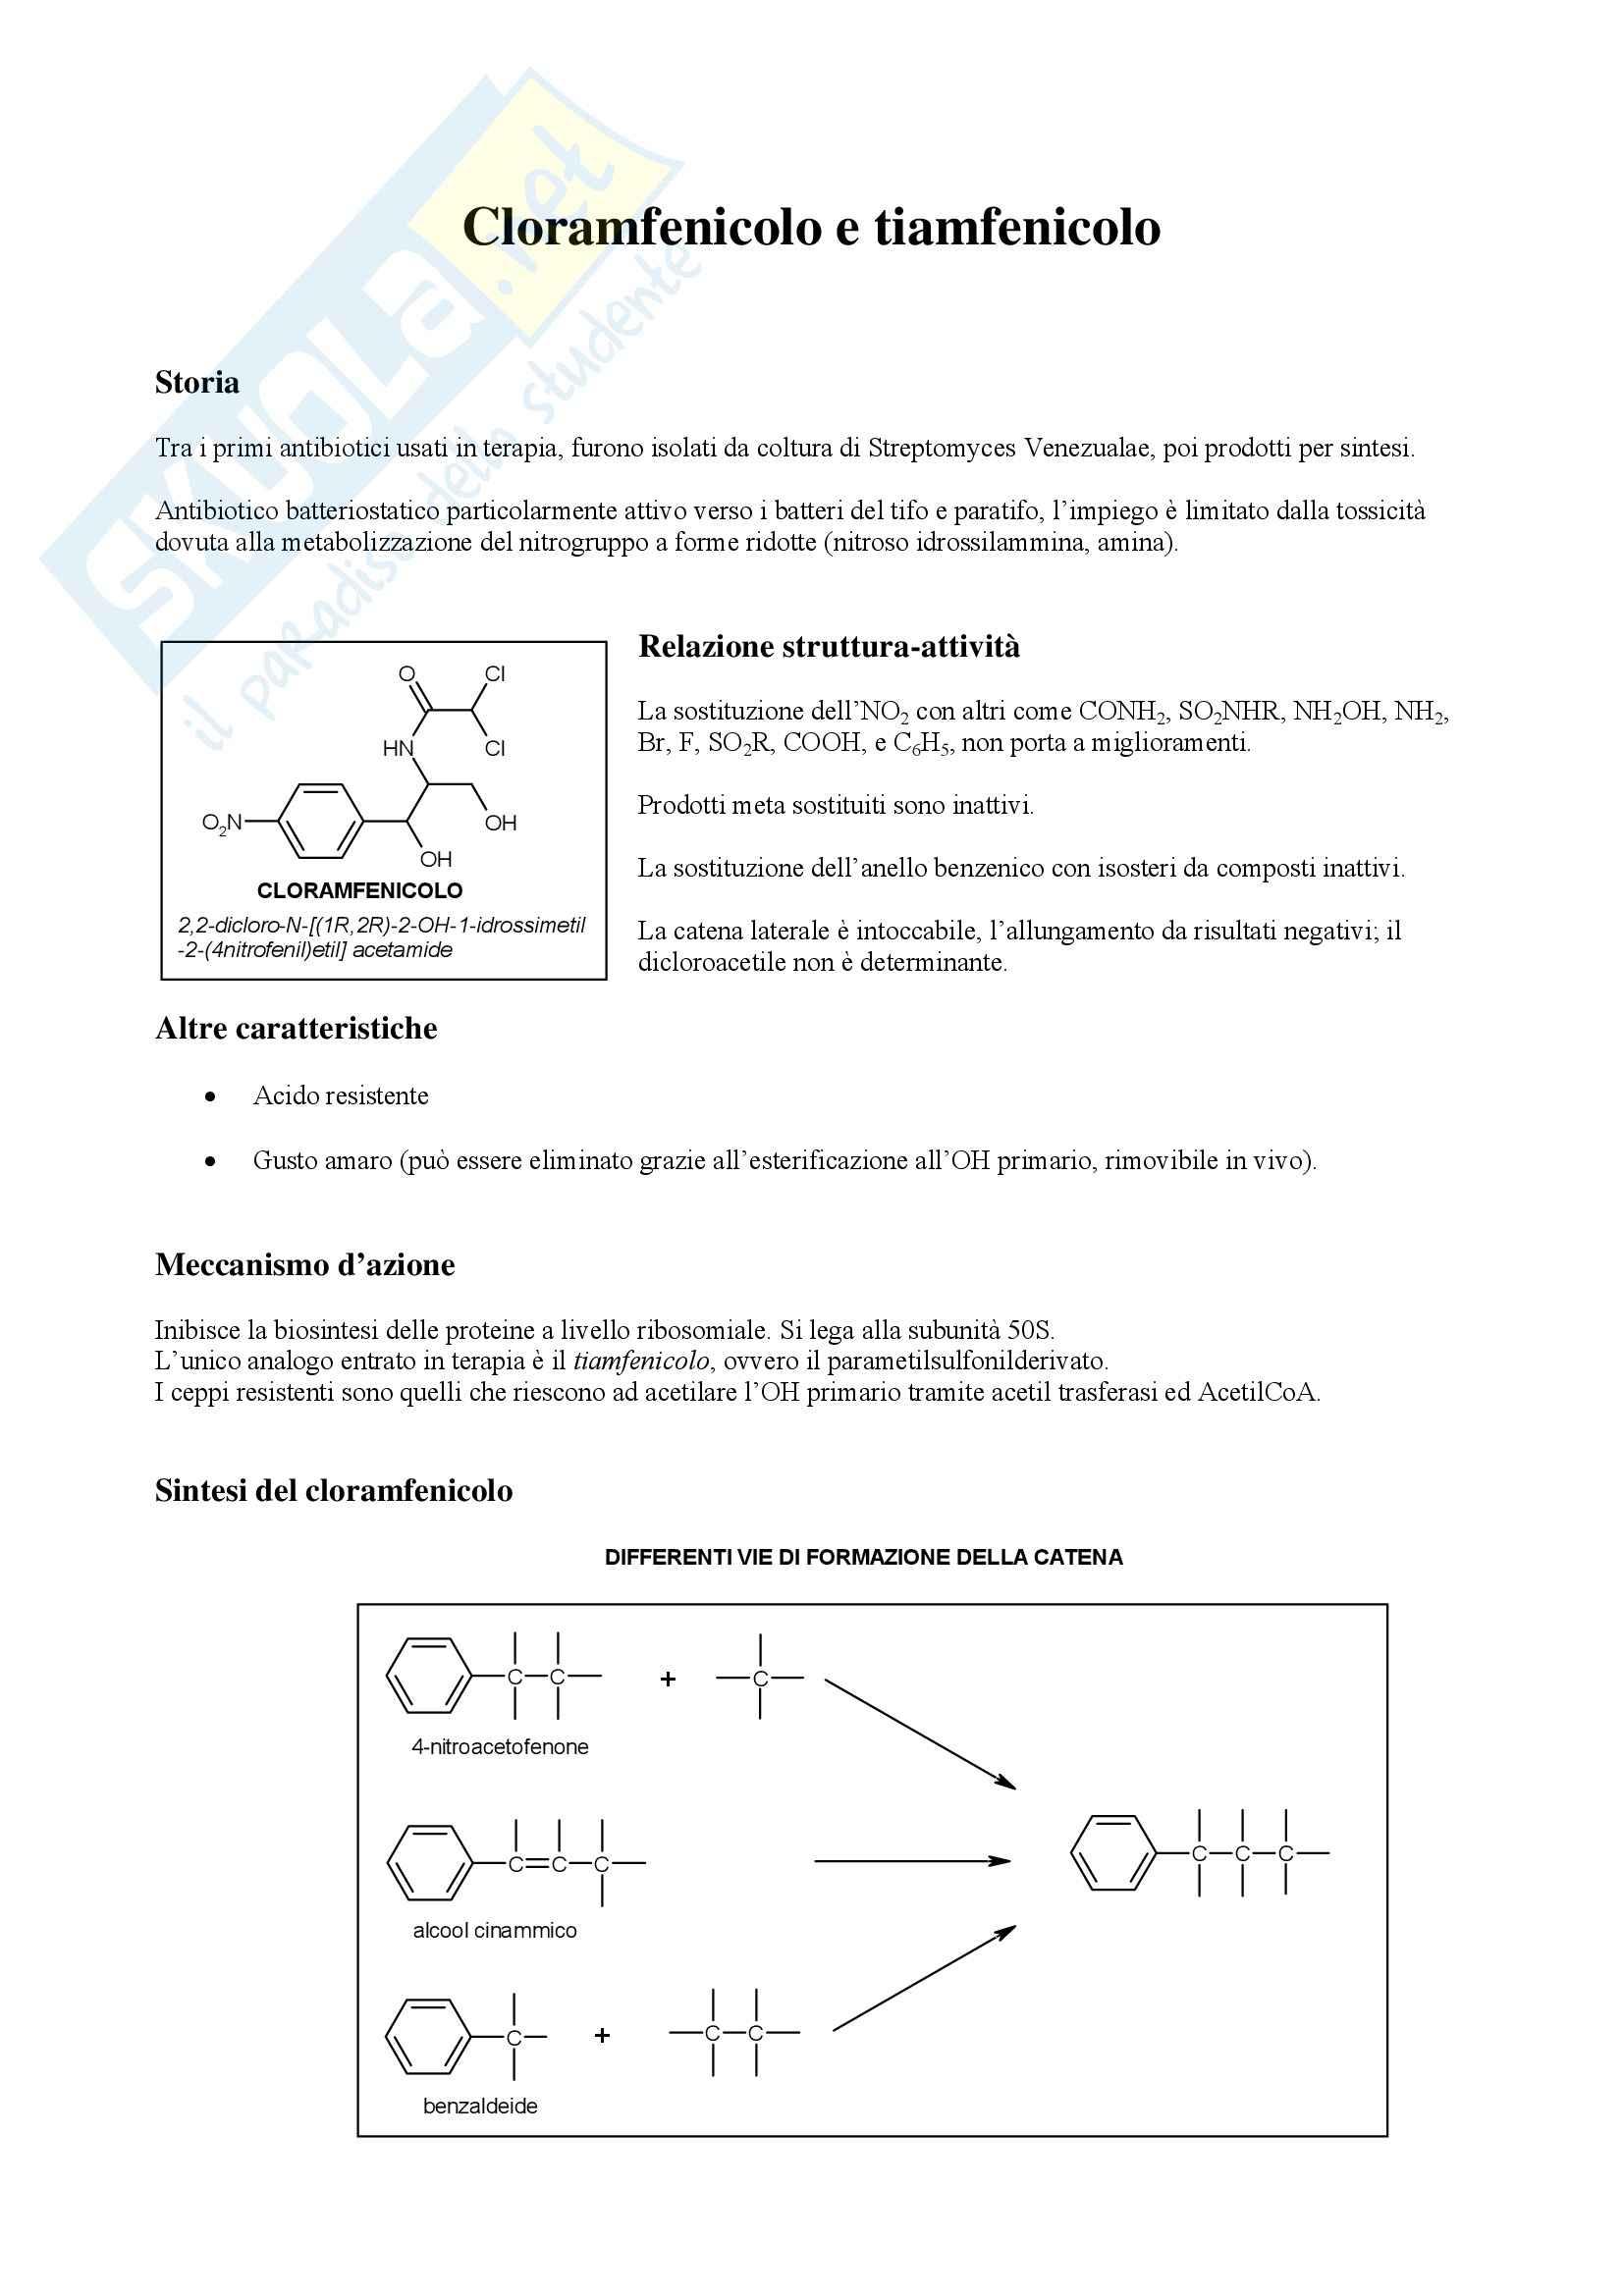 Chimica farmaceutica e tossicologica - cloramfenicolo e tiamfenicolo